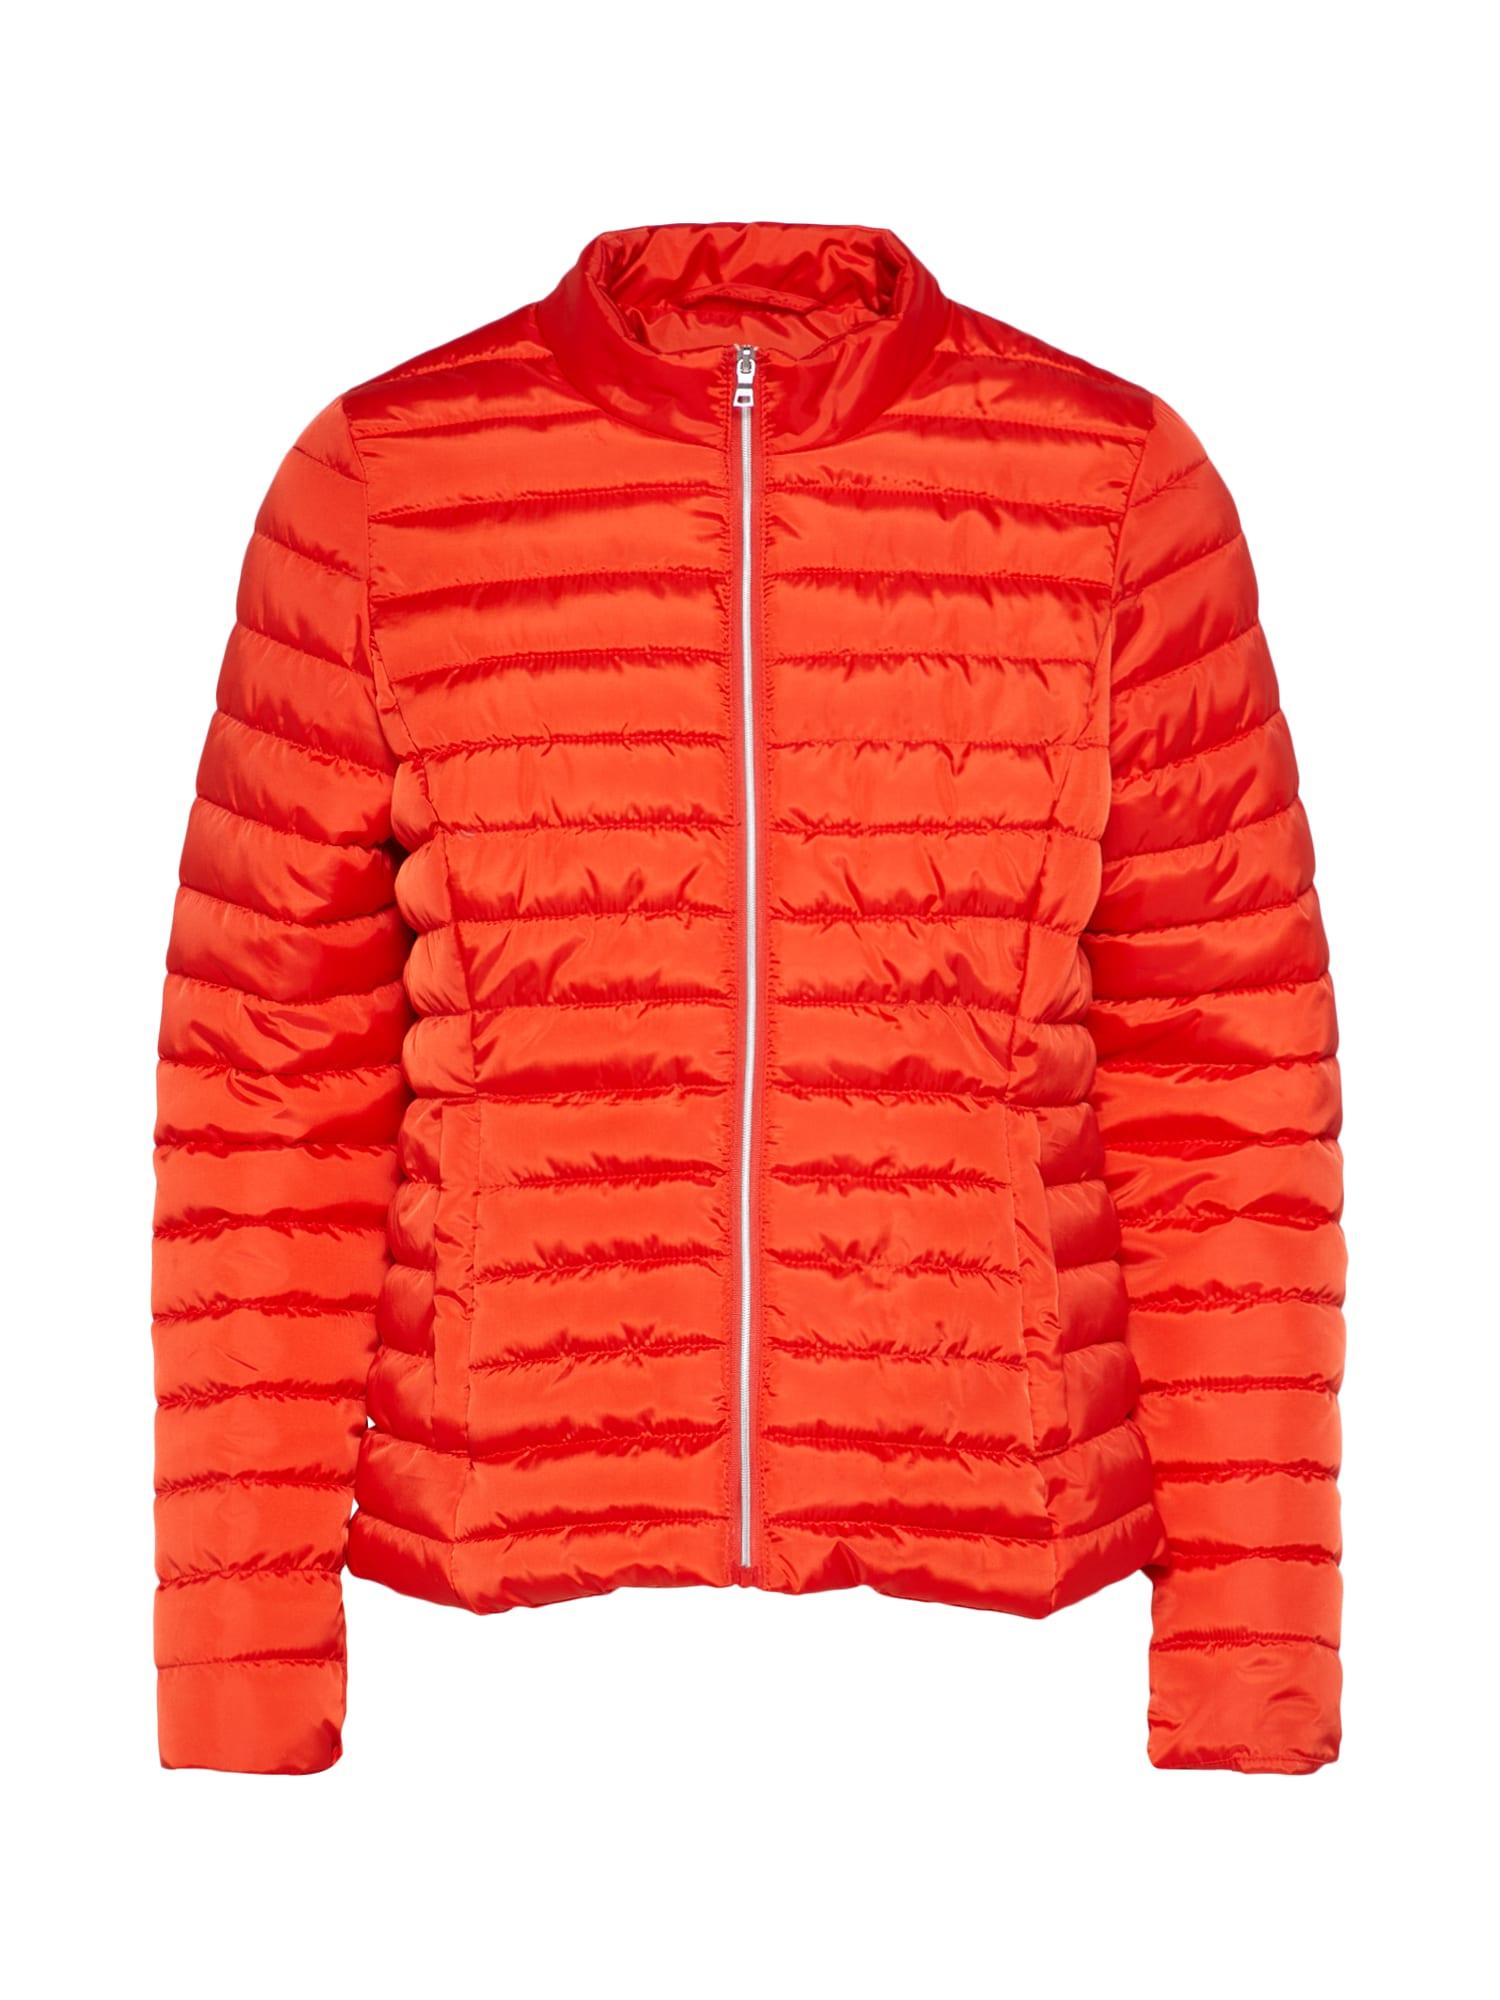 Přechodná bunda GARDENIA oranžově červená BROADWAY NYC FASHION